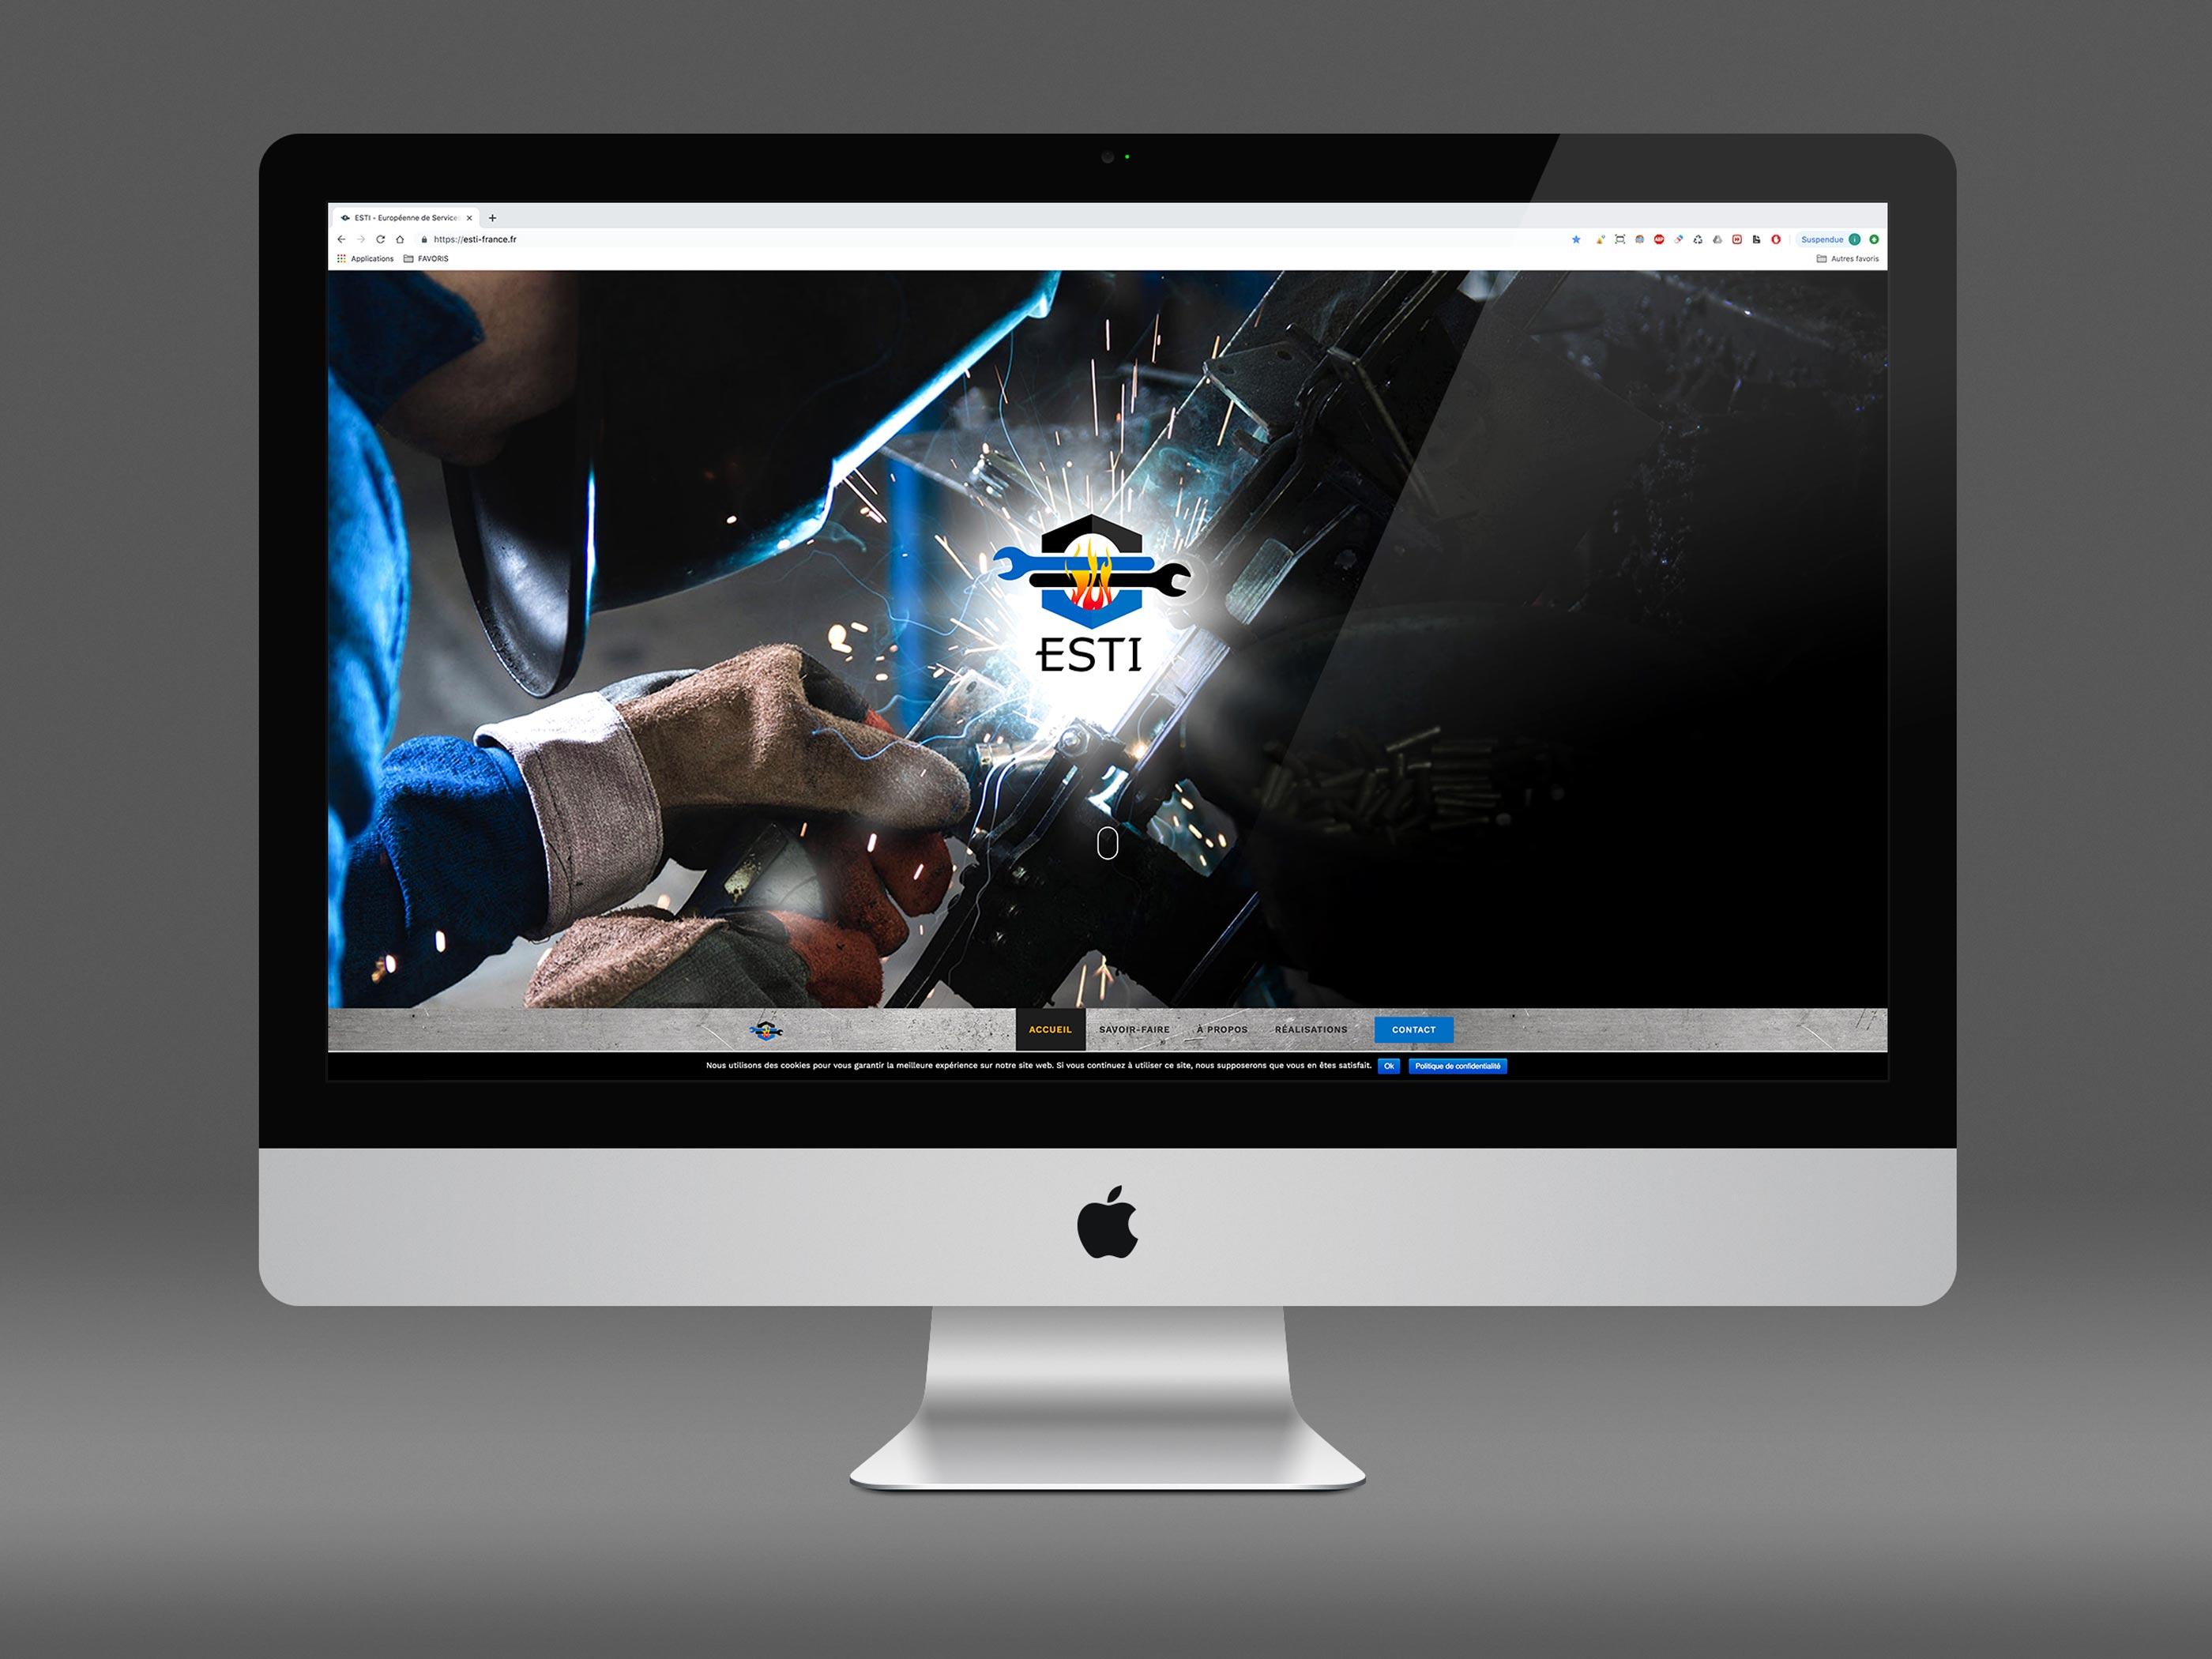 Image présentant un écran d'ordinateur dans lequel on peut voir la page d'accueil du site esti-france.fr